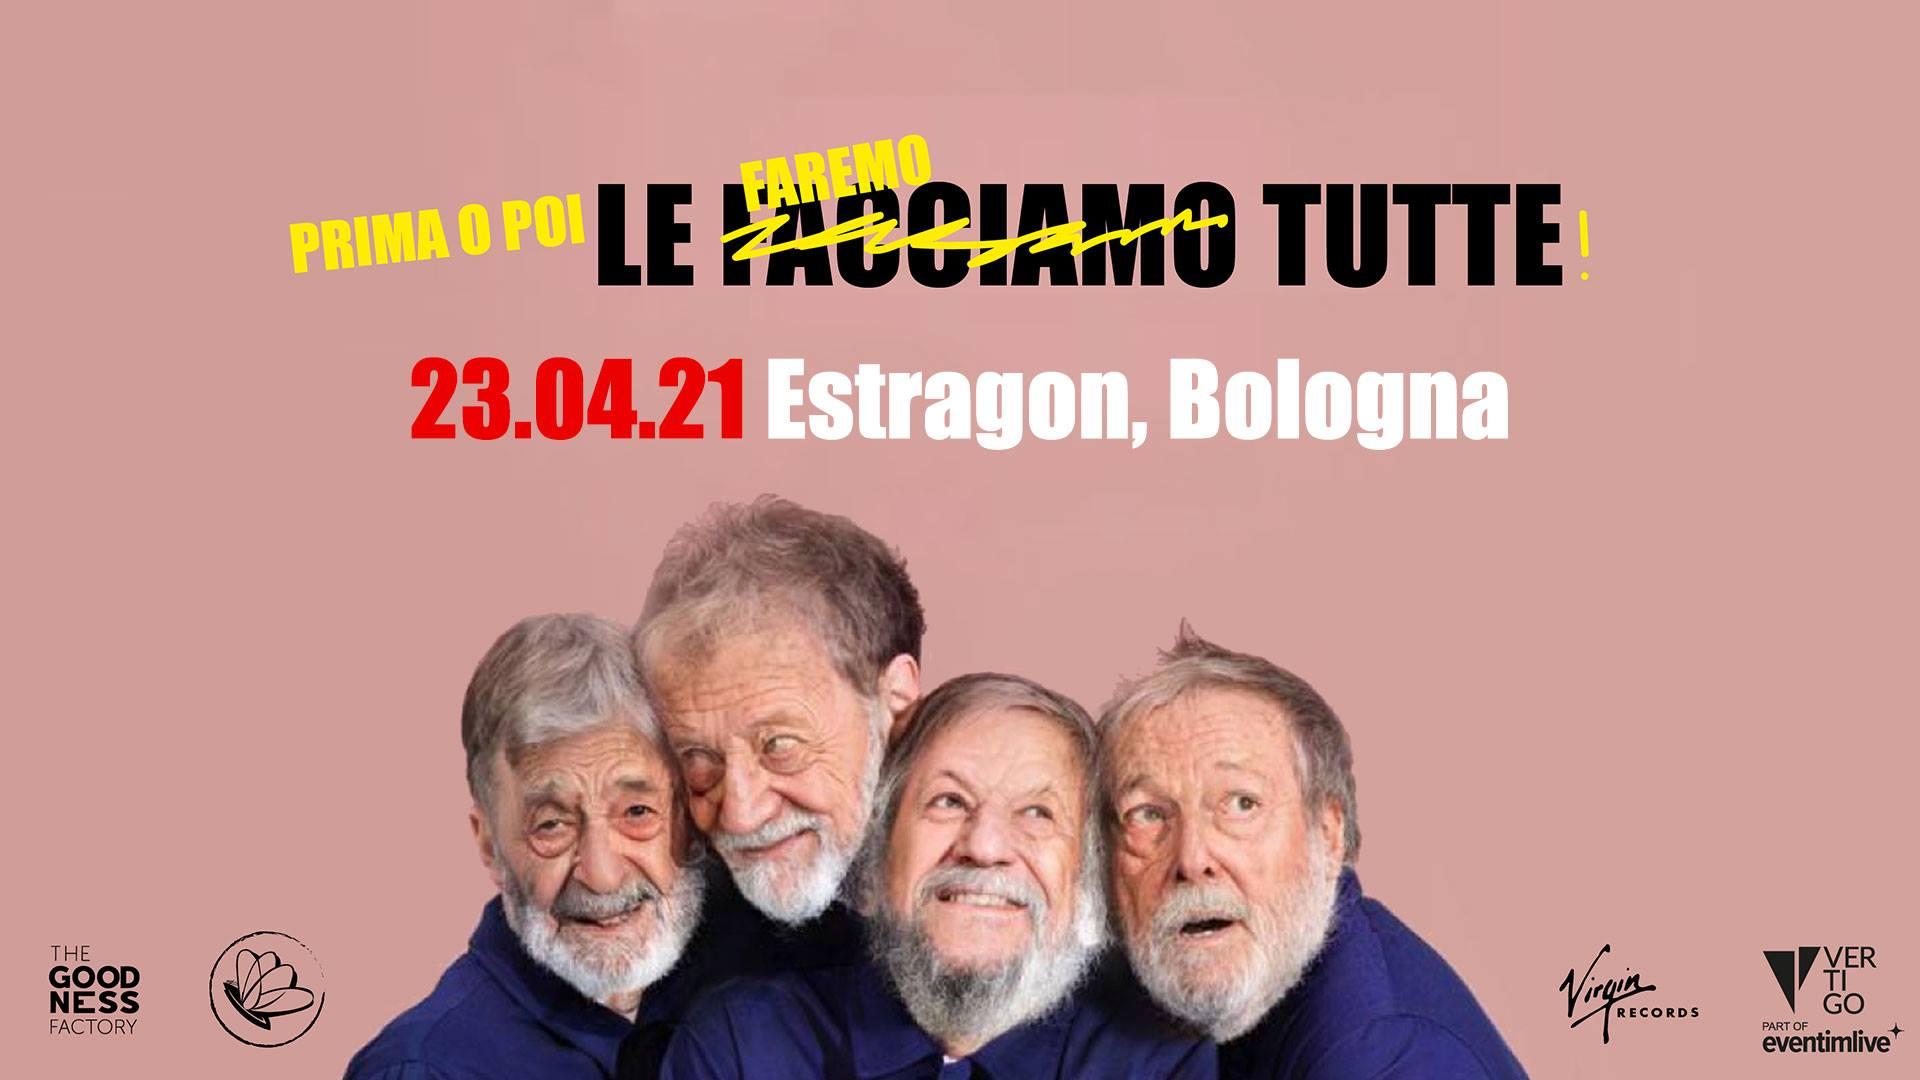 Eugenio In Via Di Gioia, Estragon Club Bologna